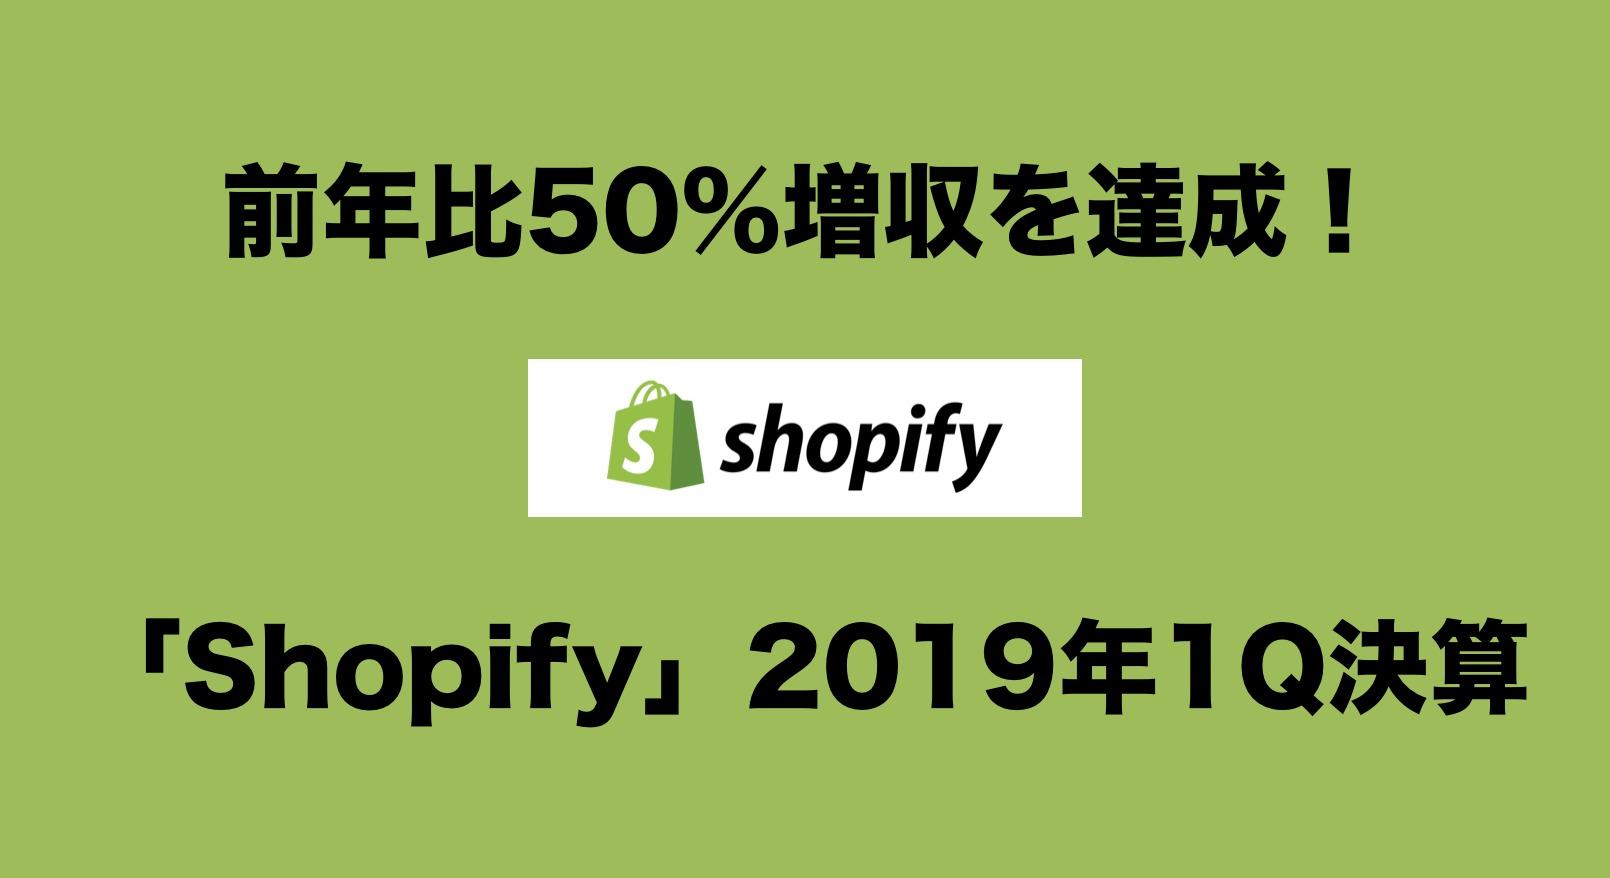 前年比50%増収を達成!「Shopify」2019年1Q決算